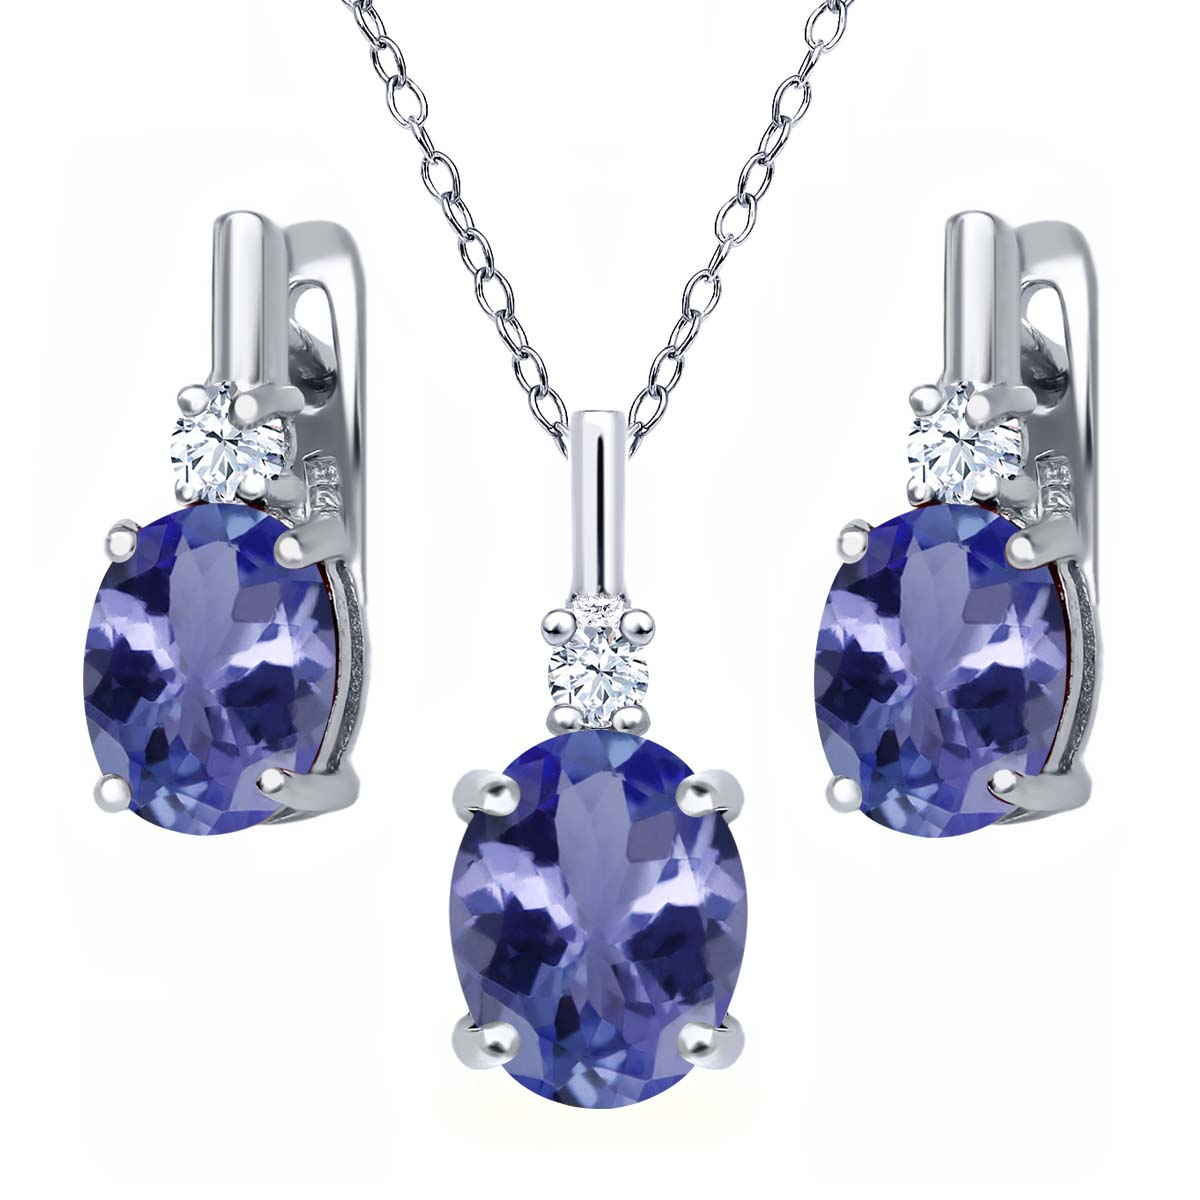 5.15 Ct Blue Tanzanite AAAA 925 Sterling Silver Pendant Earrings Set by